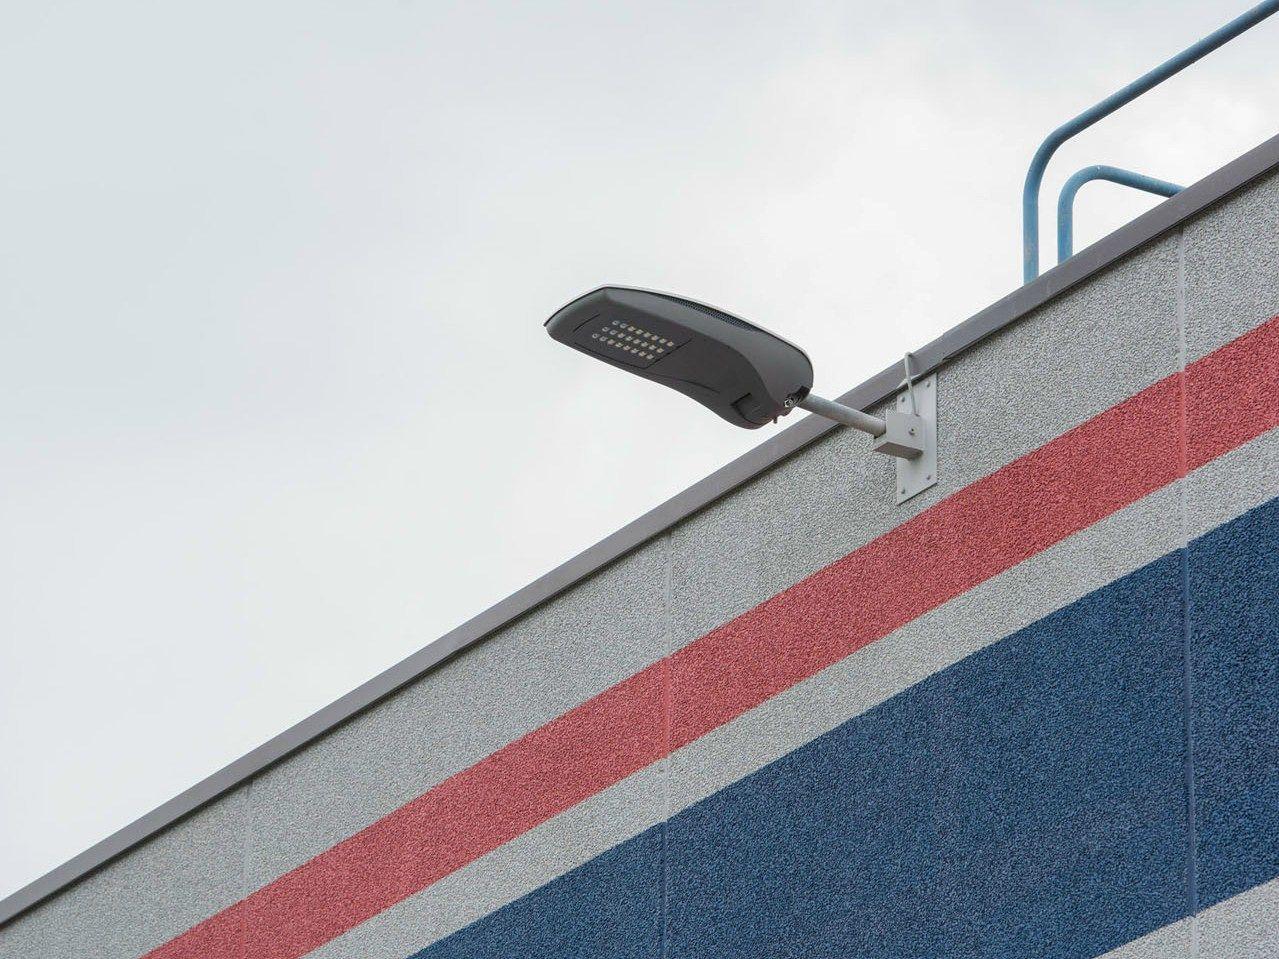 Le soluzioni di illuminazione a LED di GEWISS illuminano i reparti officina, montaggio, spedizione e i parcheggi di LVF spa